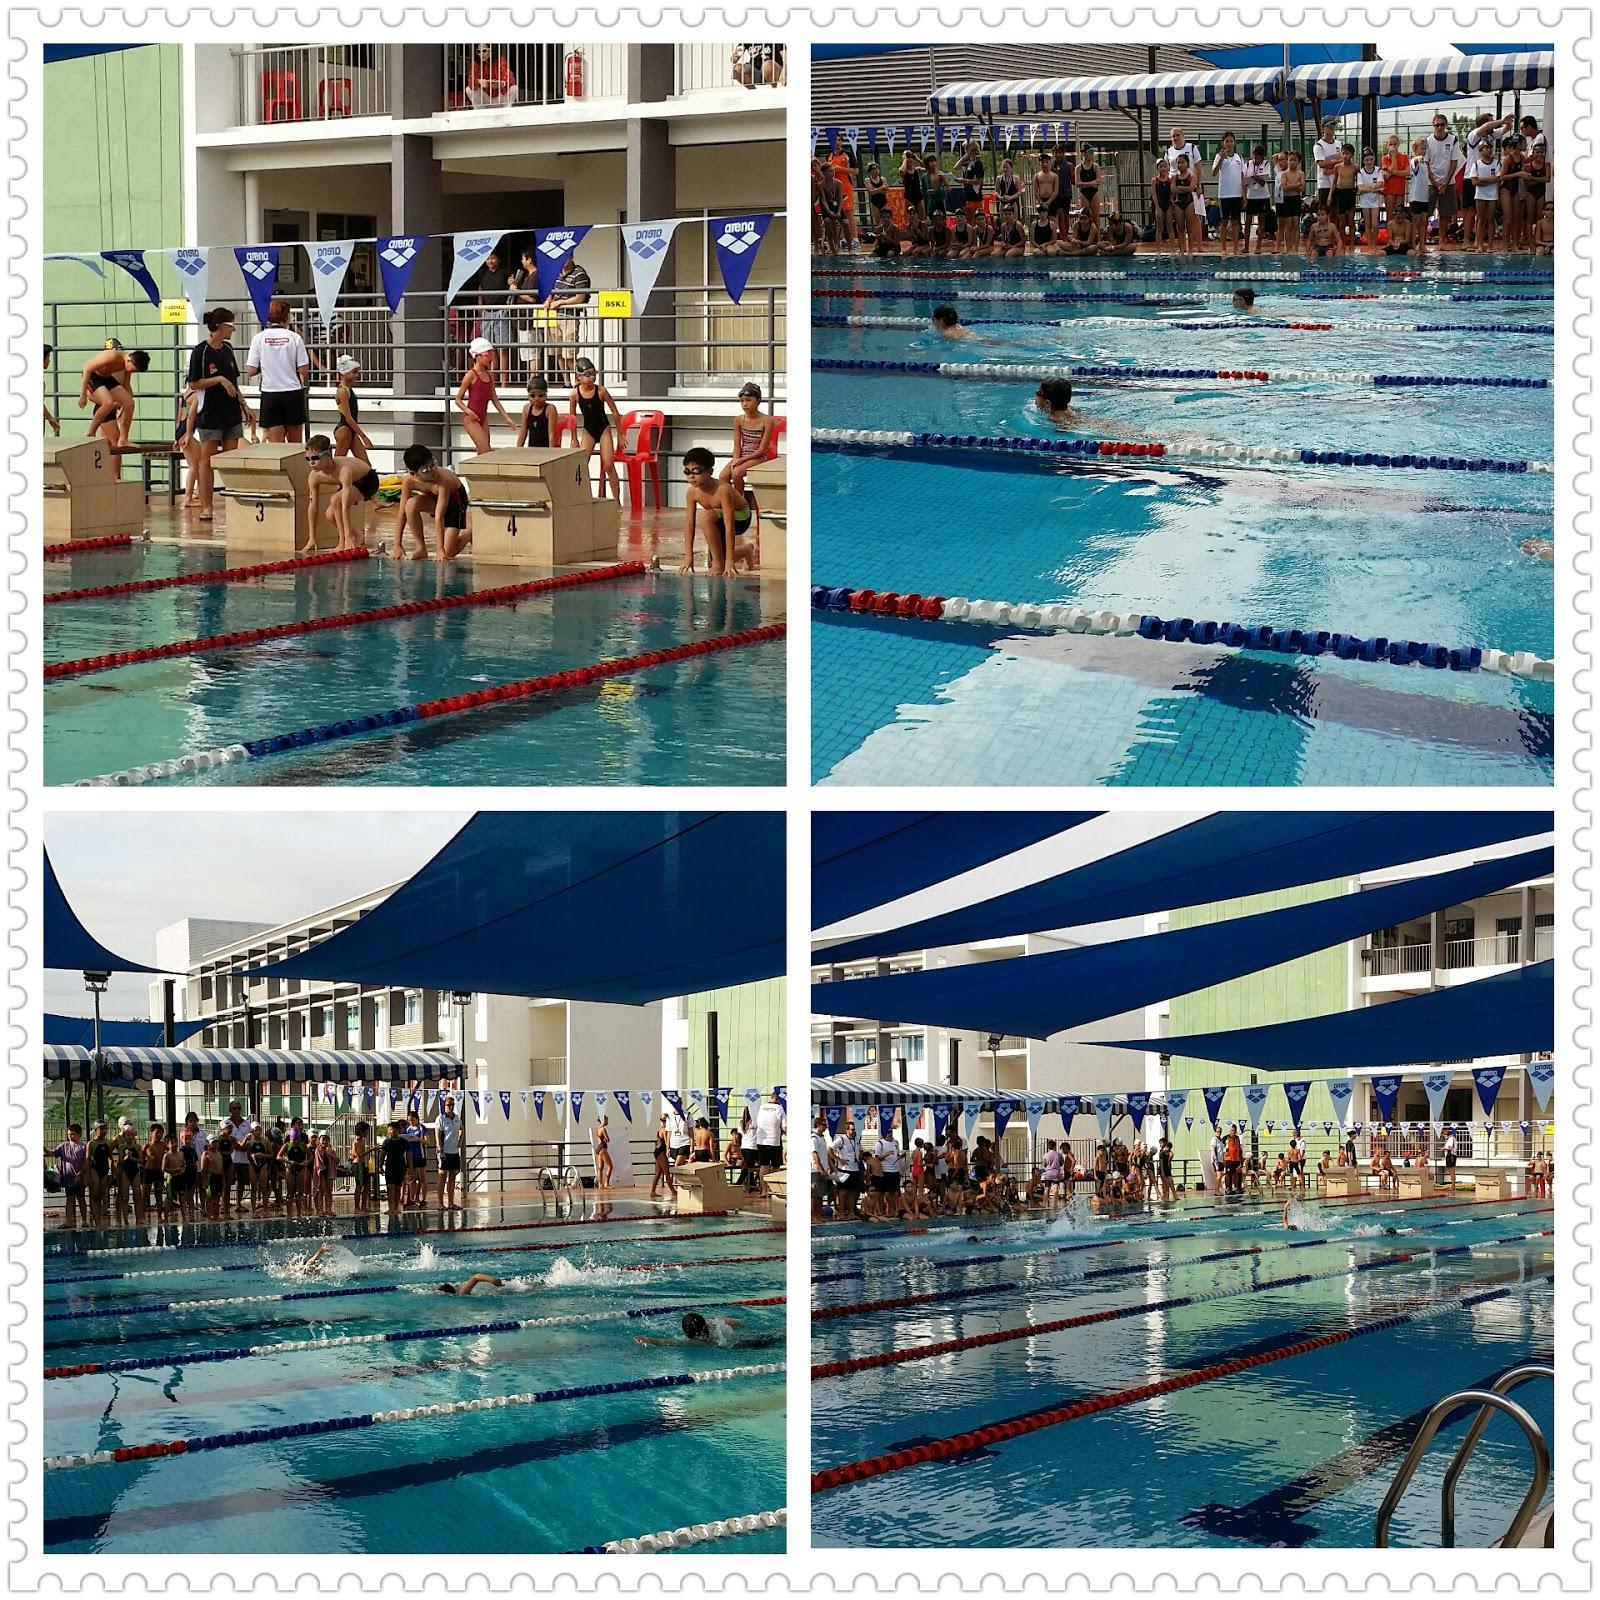 Tenby Schools Setia Eco Park Parents 39 Association Kliss Primary Swim Meet 2014 A Tis